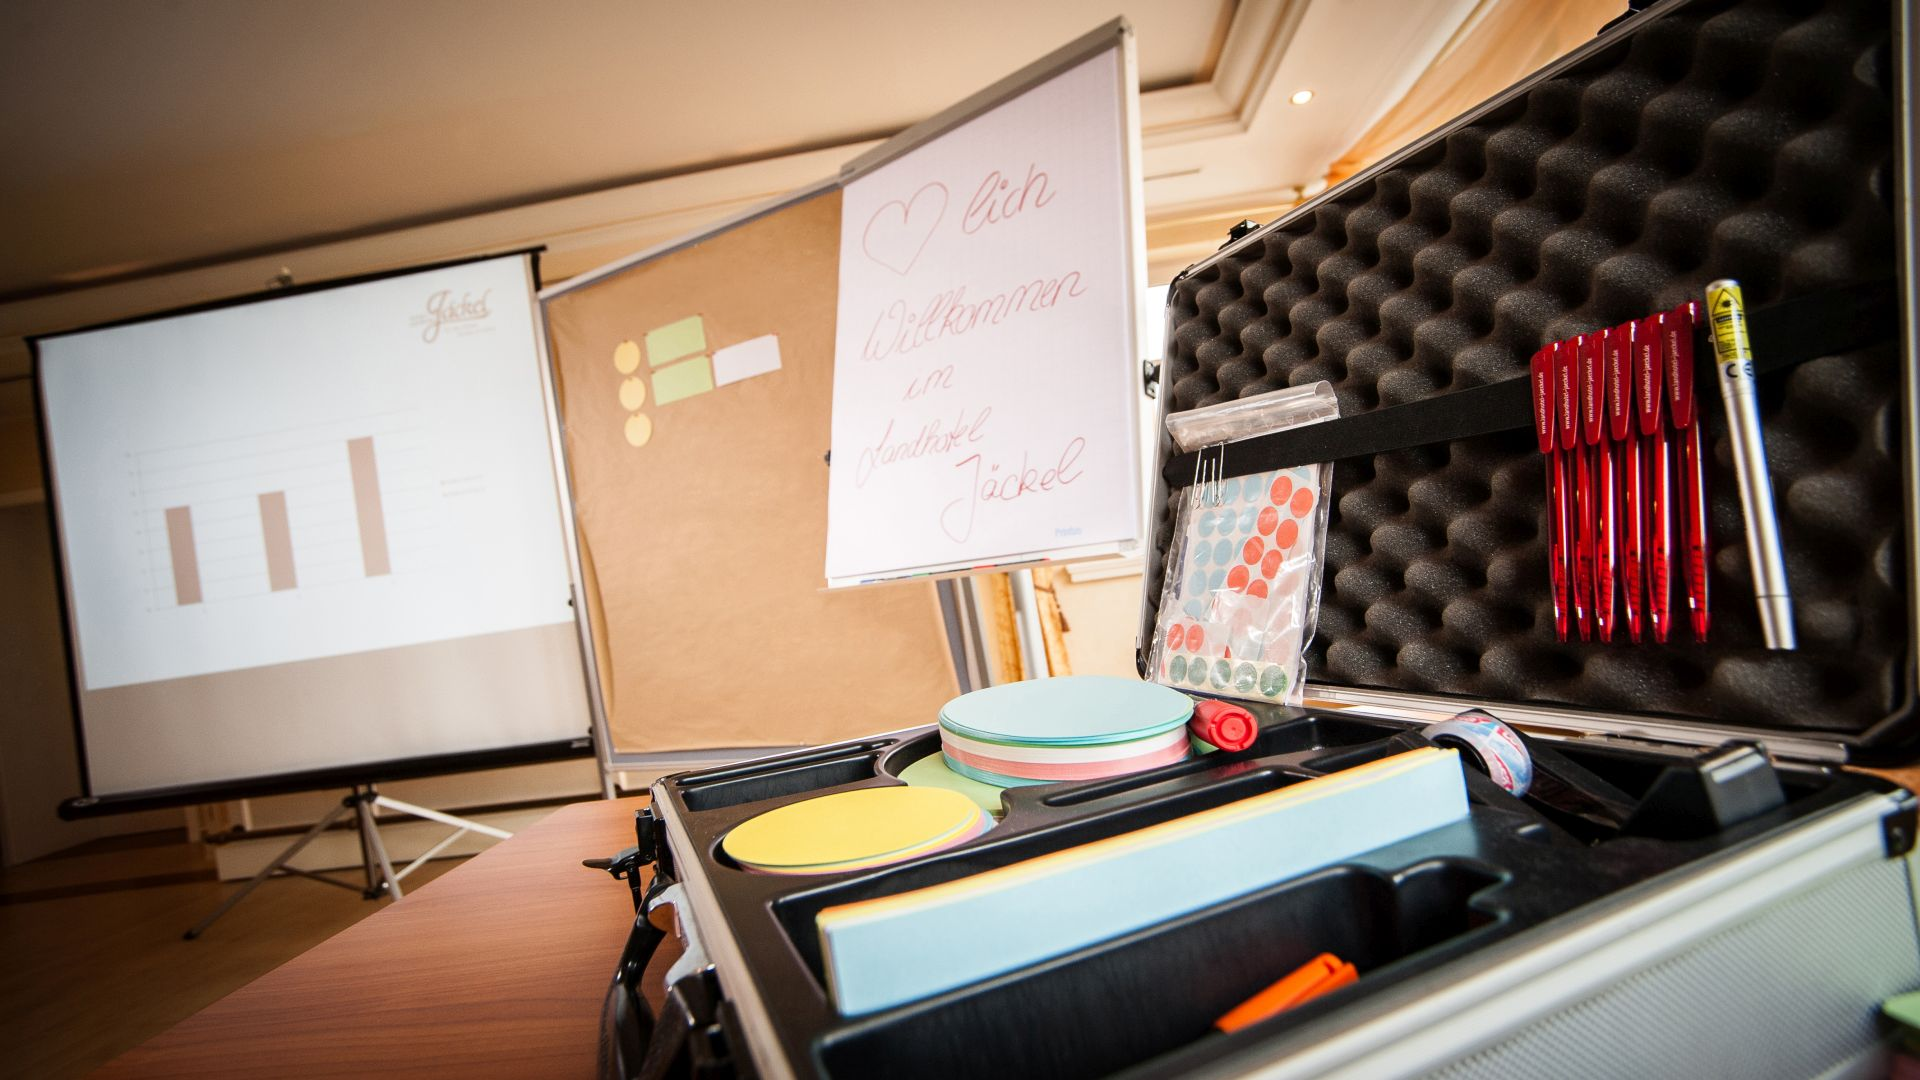 Effektives Arbeiten, Tagungen, Konferenzen, Präsentationen, virtuelle Events und digitale Veranstaltungen in Halle Westfalen, Bielefeld, Gütersloh und Osnabrück.